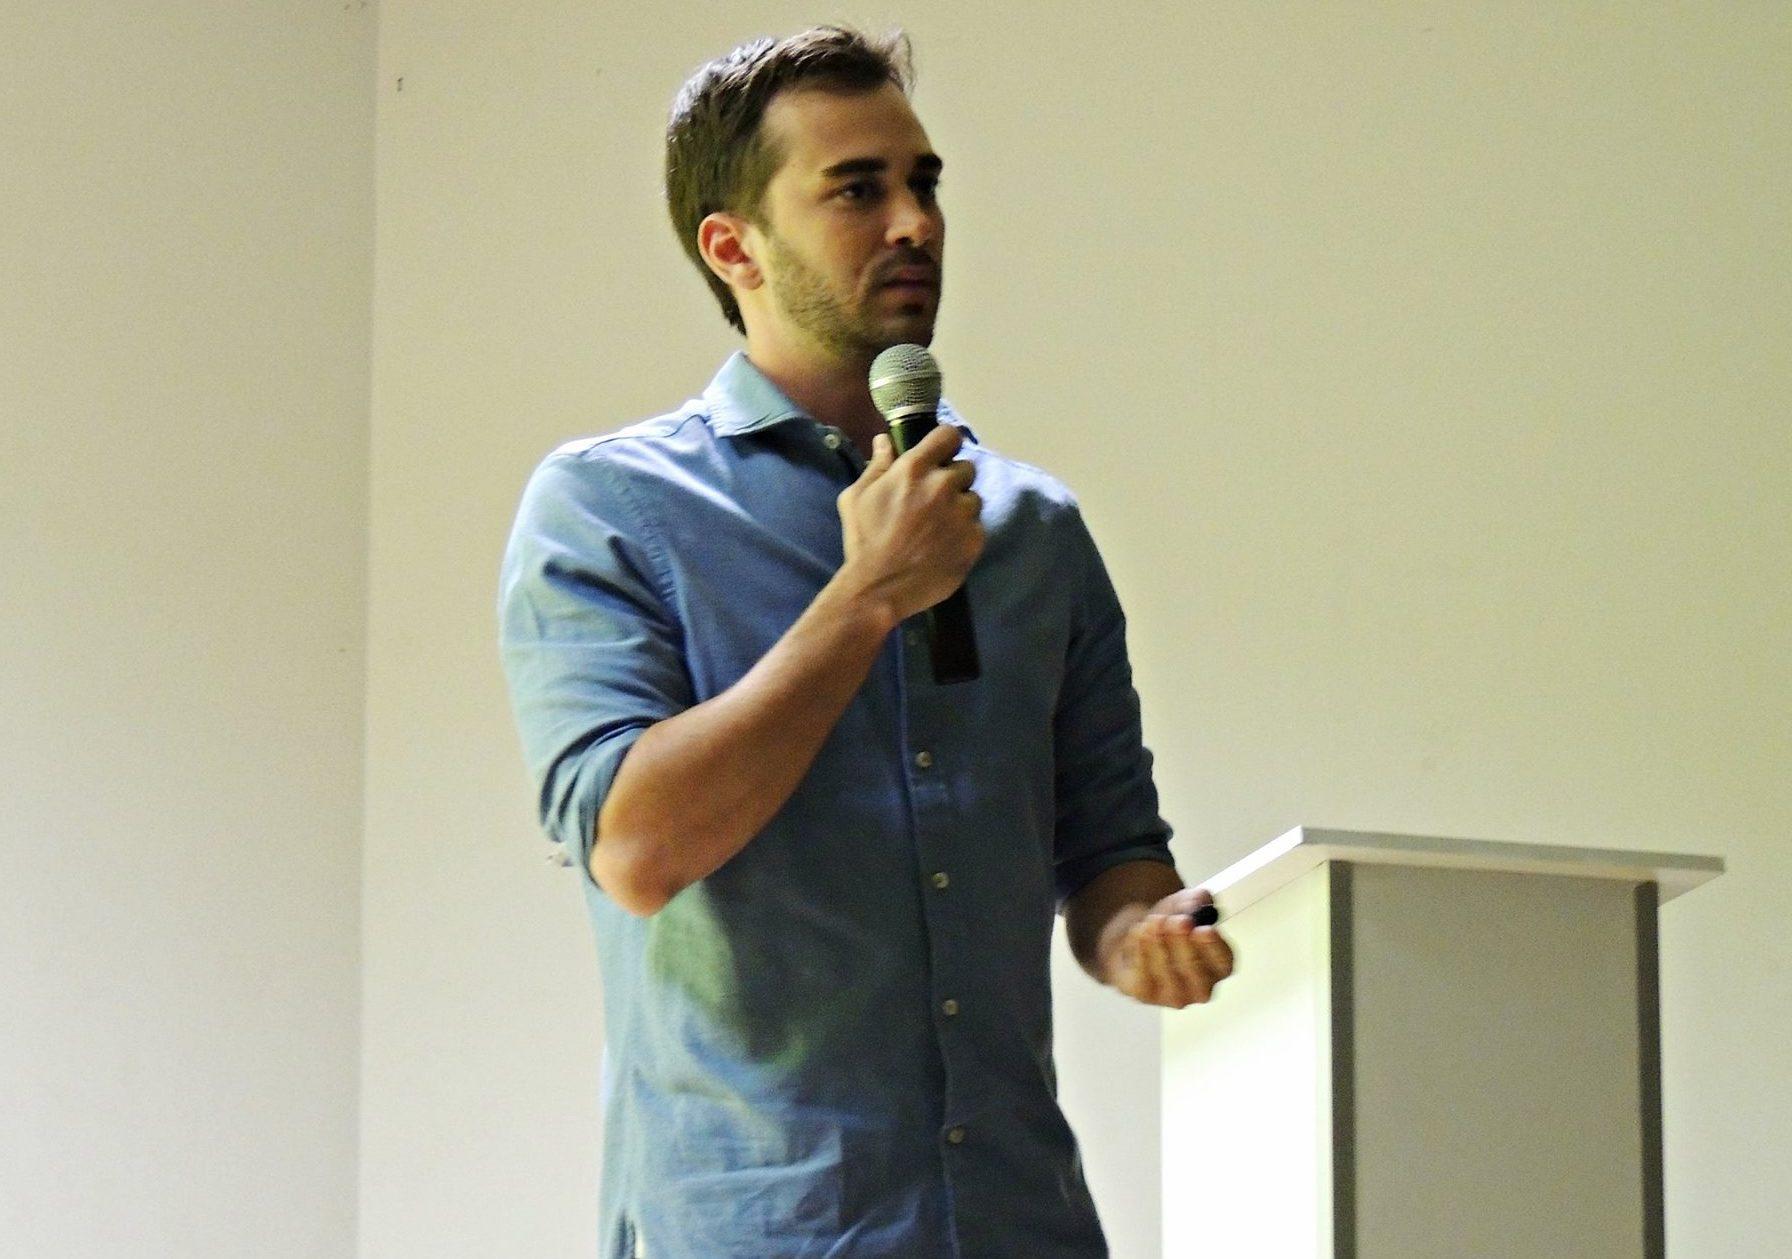 Entrevista: Arthur Paredes, professor e coordenador da IEBS